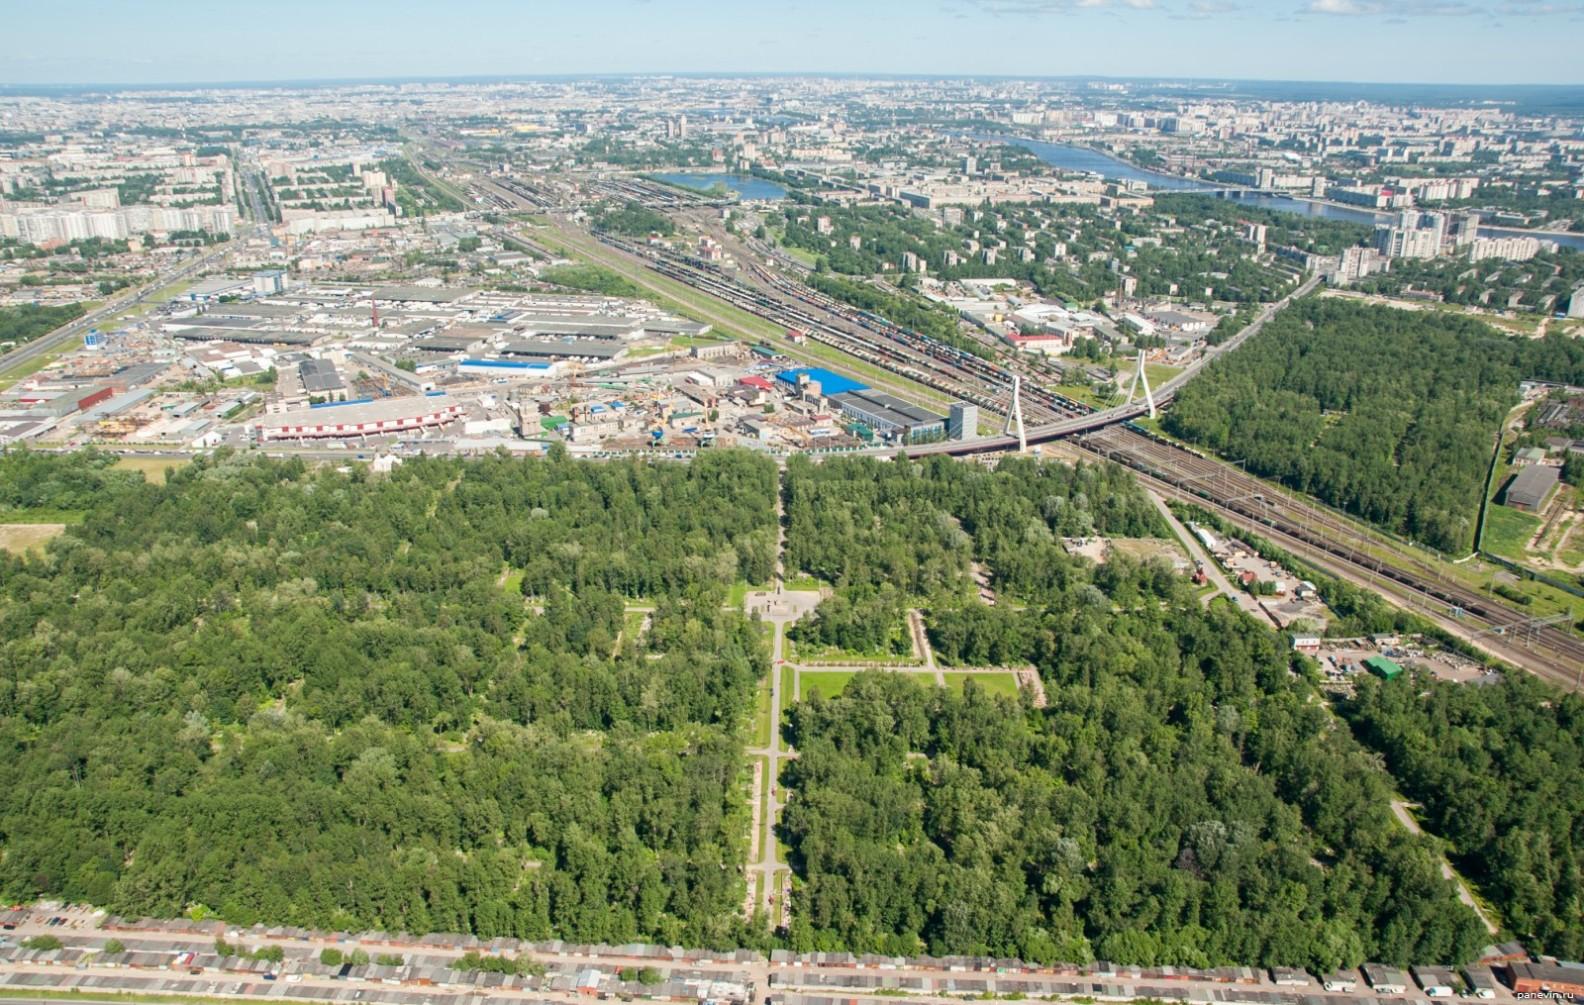 Адрес Преображенского кладбища 9 января в Санкт-Петербурге